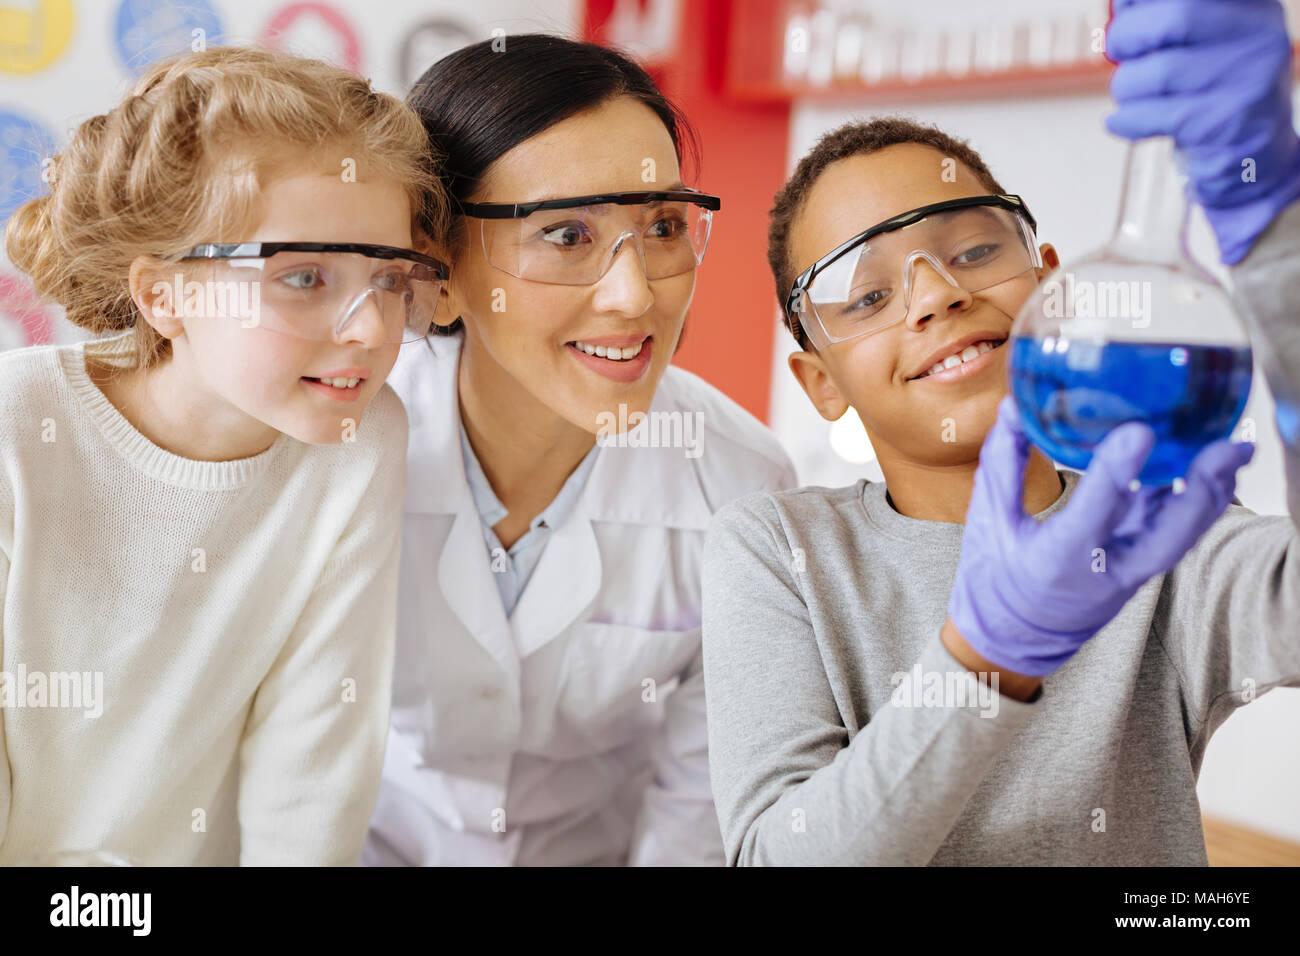 Schüler zeigen Kolben mit Substanz stolz auf Lehrer und Mitschüler Stockbild